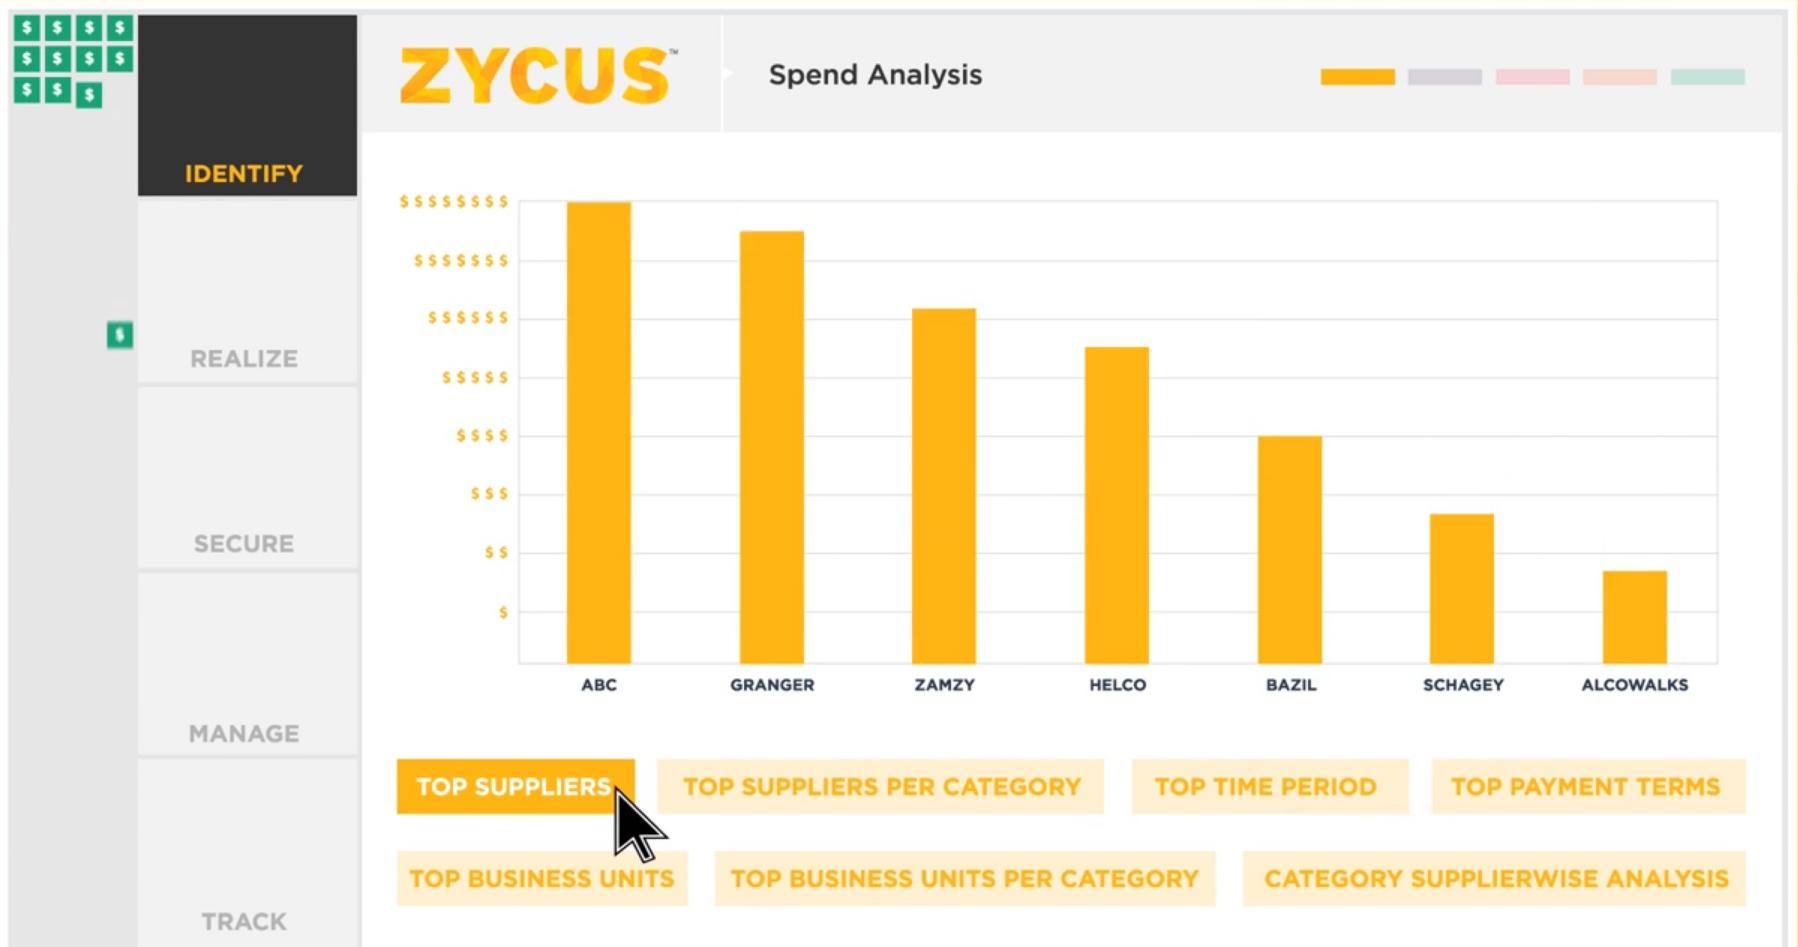 Spend analysis